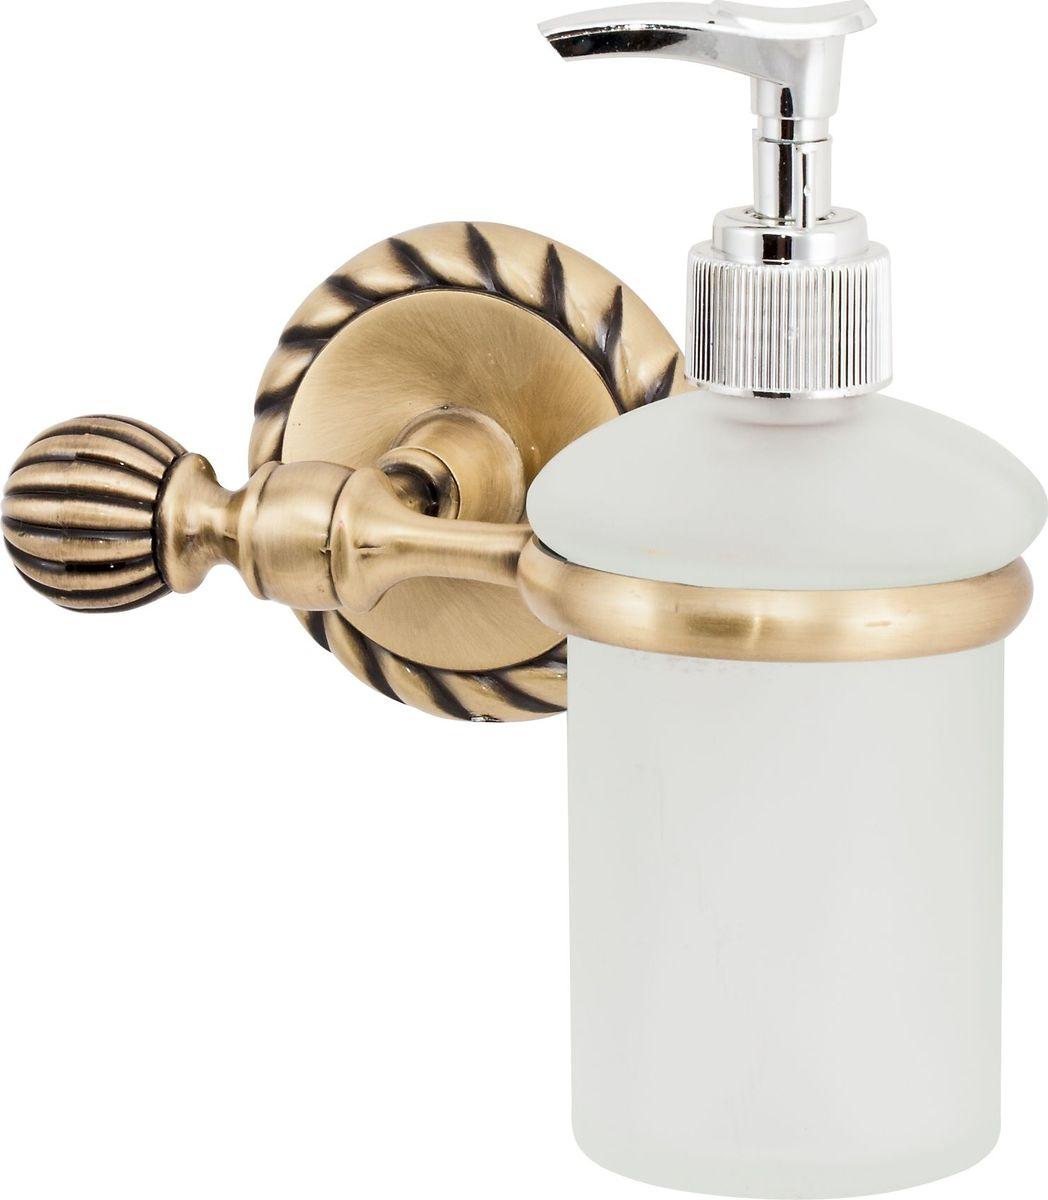 Дозатор для жидкого мыла Del Mare 11800, цвет: античная бронзаRG-D31SДозатор для жидкого мыла Del Mare 11800 удобен для применения в ванных комнатах, уборных и на кухнях. Изделие оснащено крышкой с кнопкой, обеспечивающей дозированную выдачу мыла.